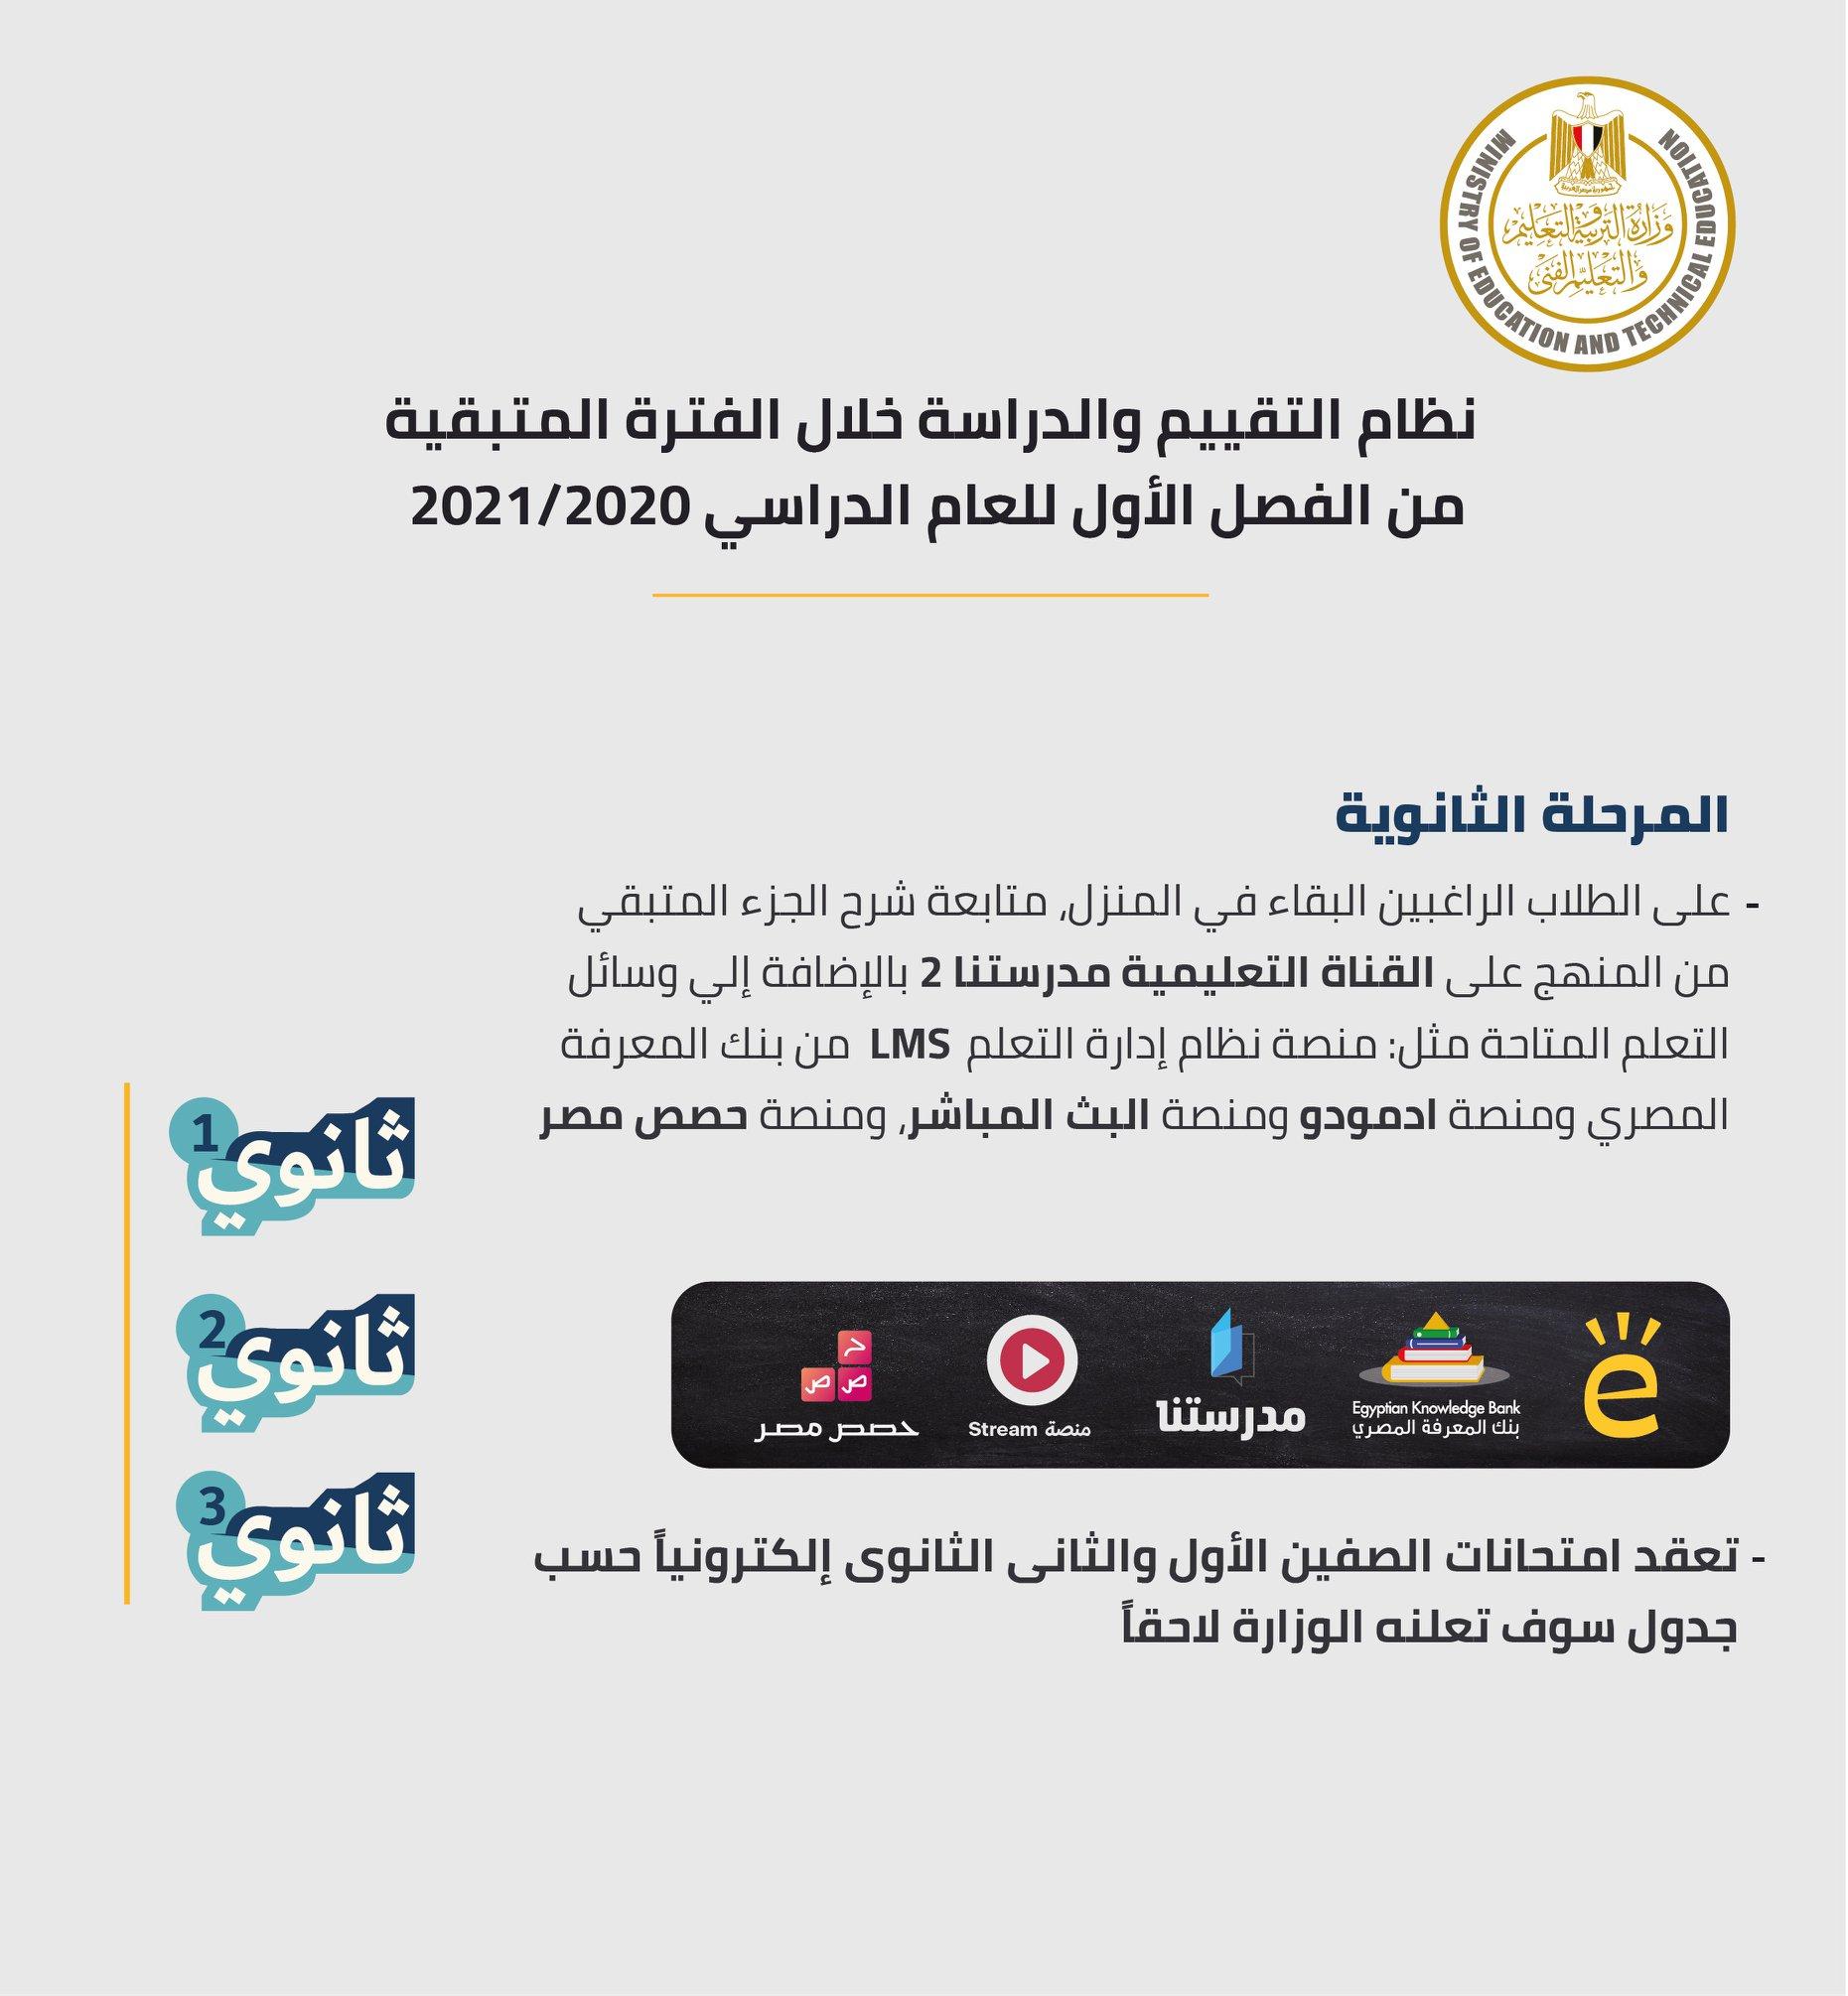 وزير التربية والتعليم يصدر 10 قرارات جديدة لاستكمال الدراسة وموعد جديد لبدء امتحانات سنوات النقل 6